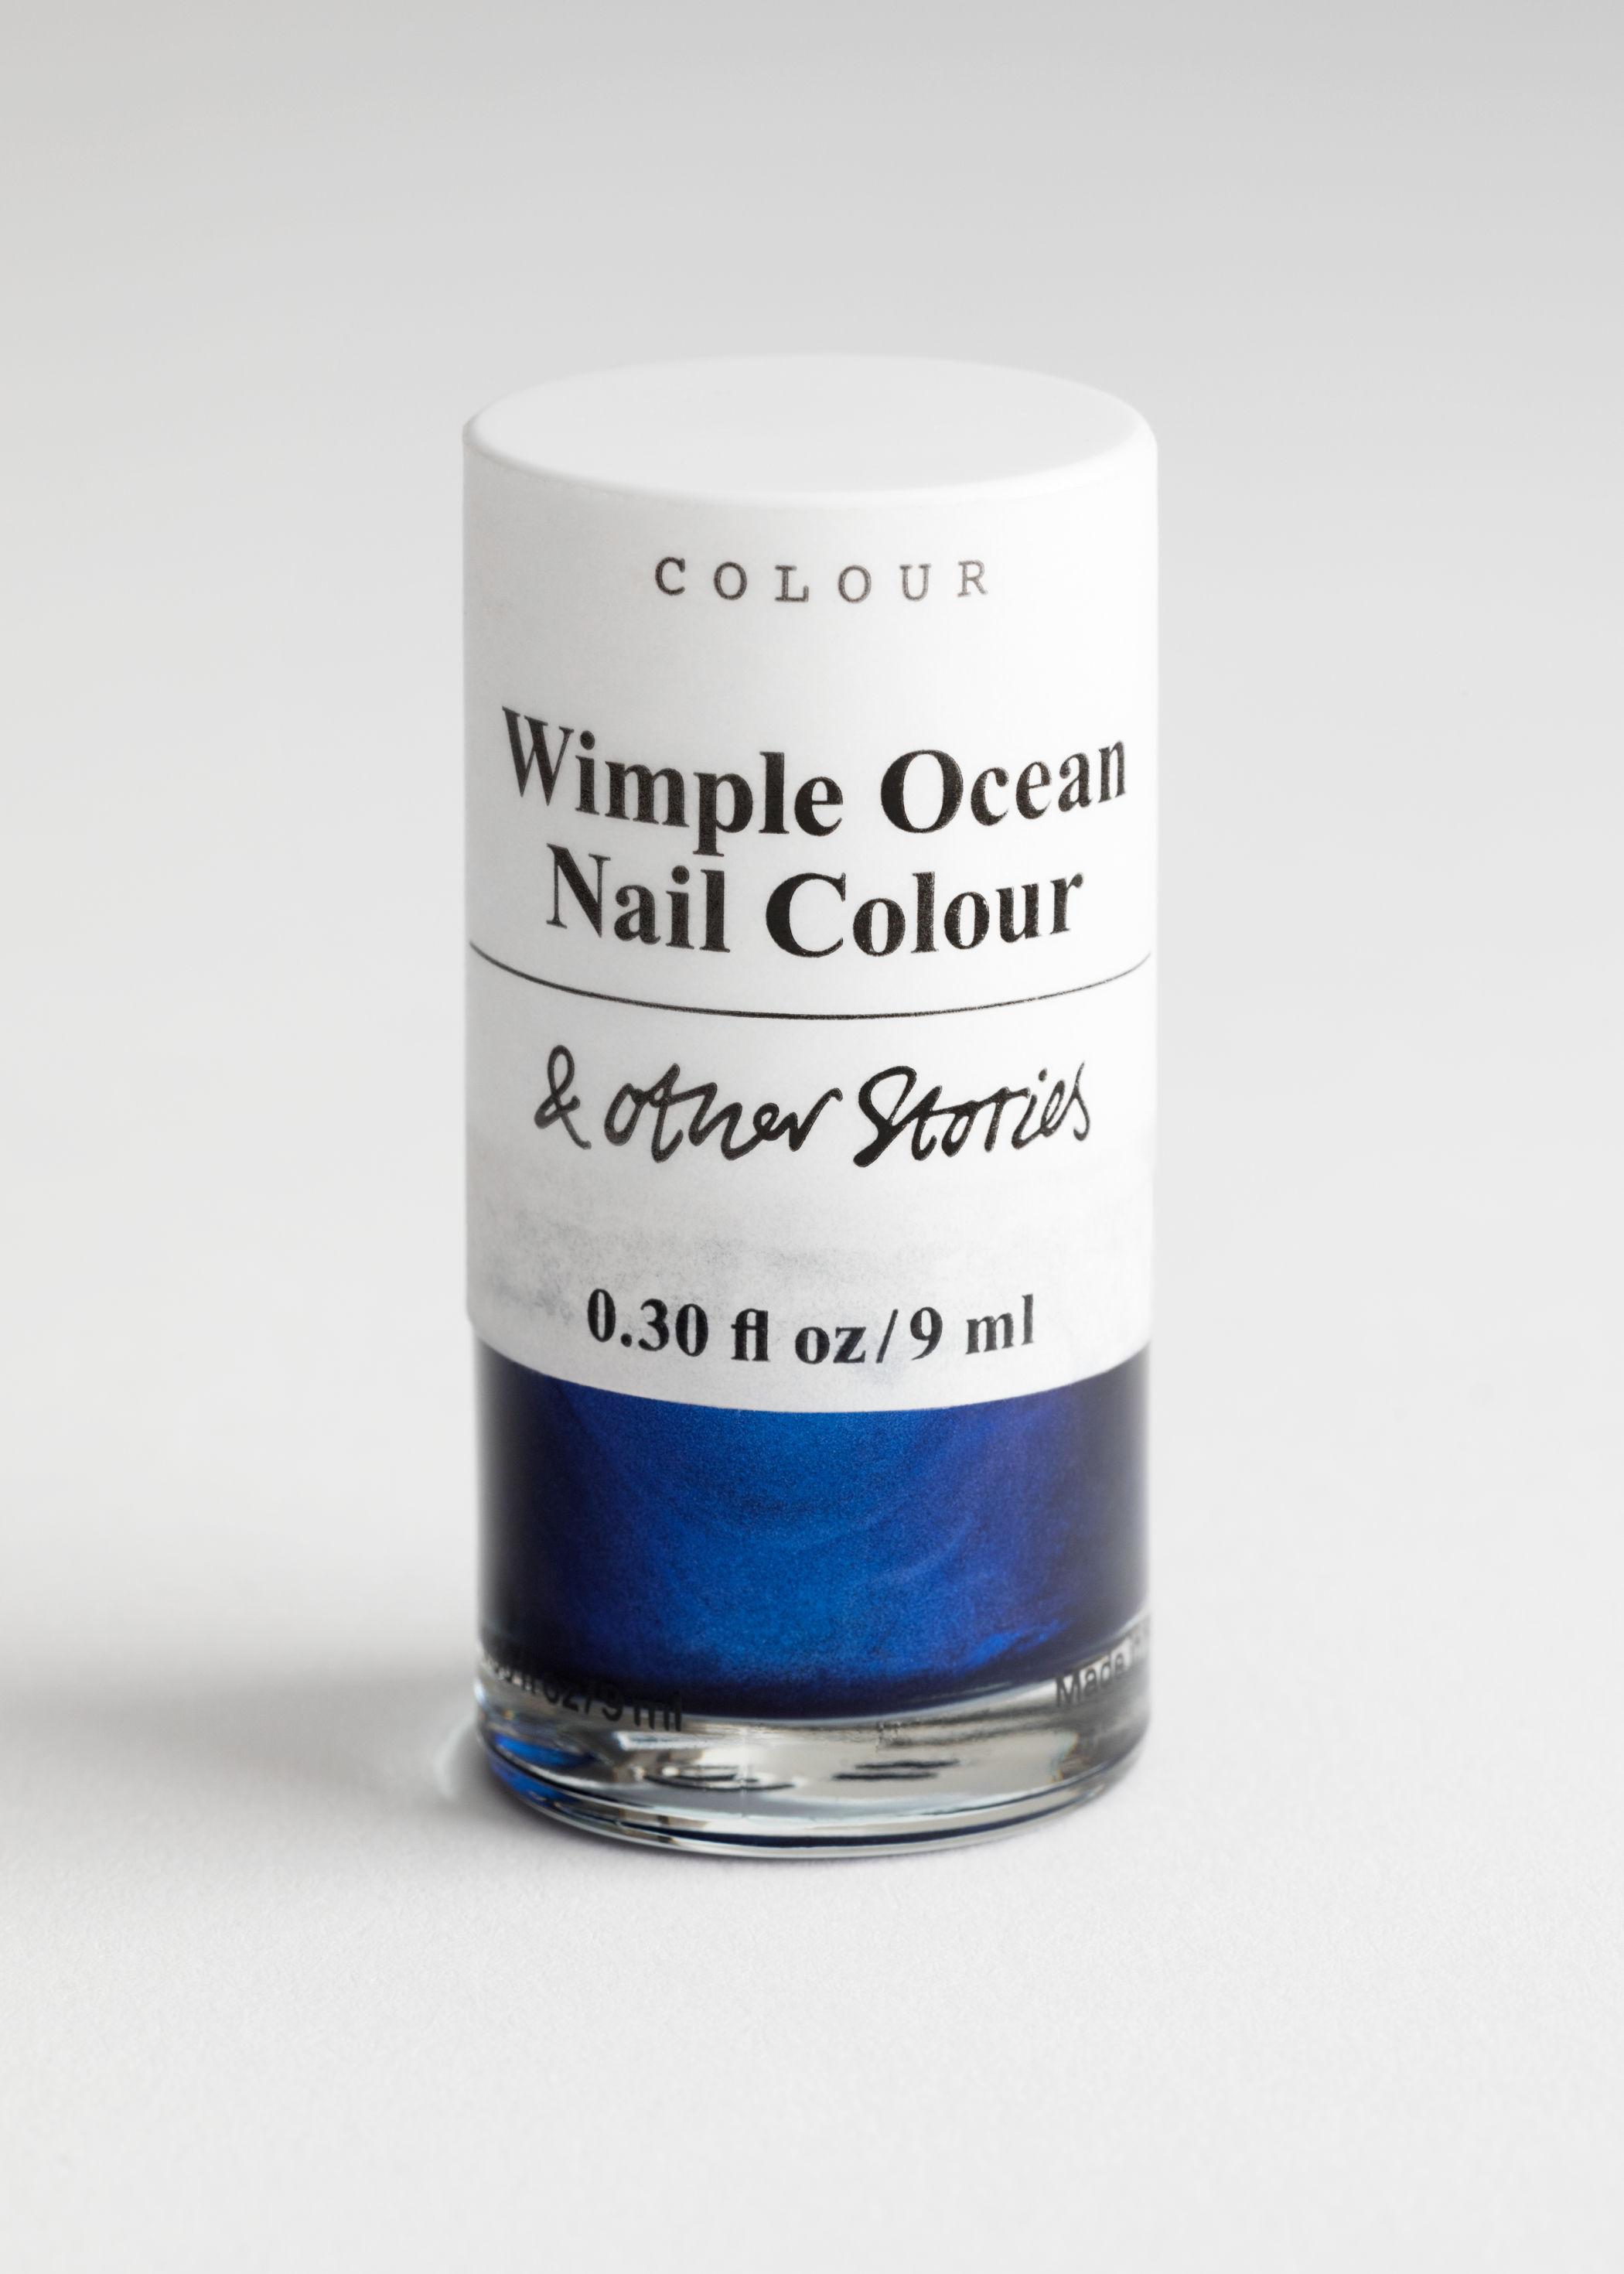 앤 아더 스토리즈 '윔플 오션' 네일 폴리시 매니큐어 (9ml) & OTHER STORIES Wimple Ocean Nail Polish